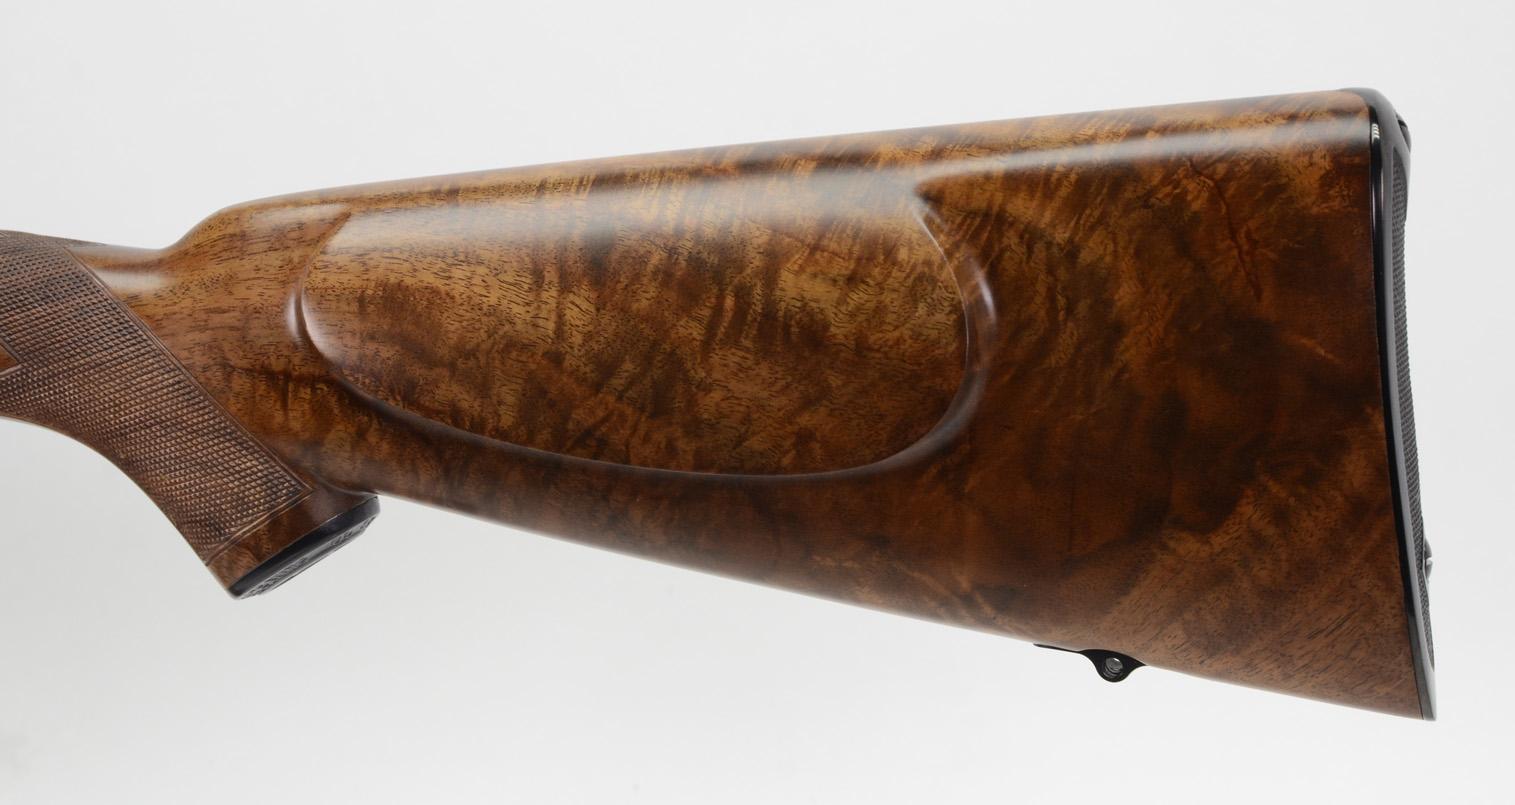 winchester model 70 super grade stock